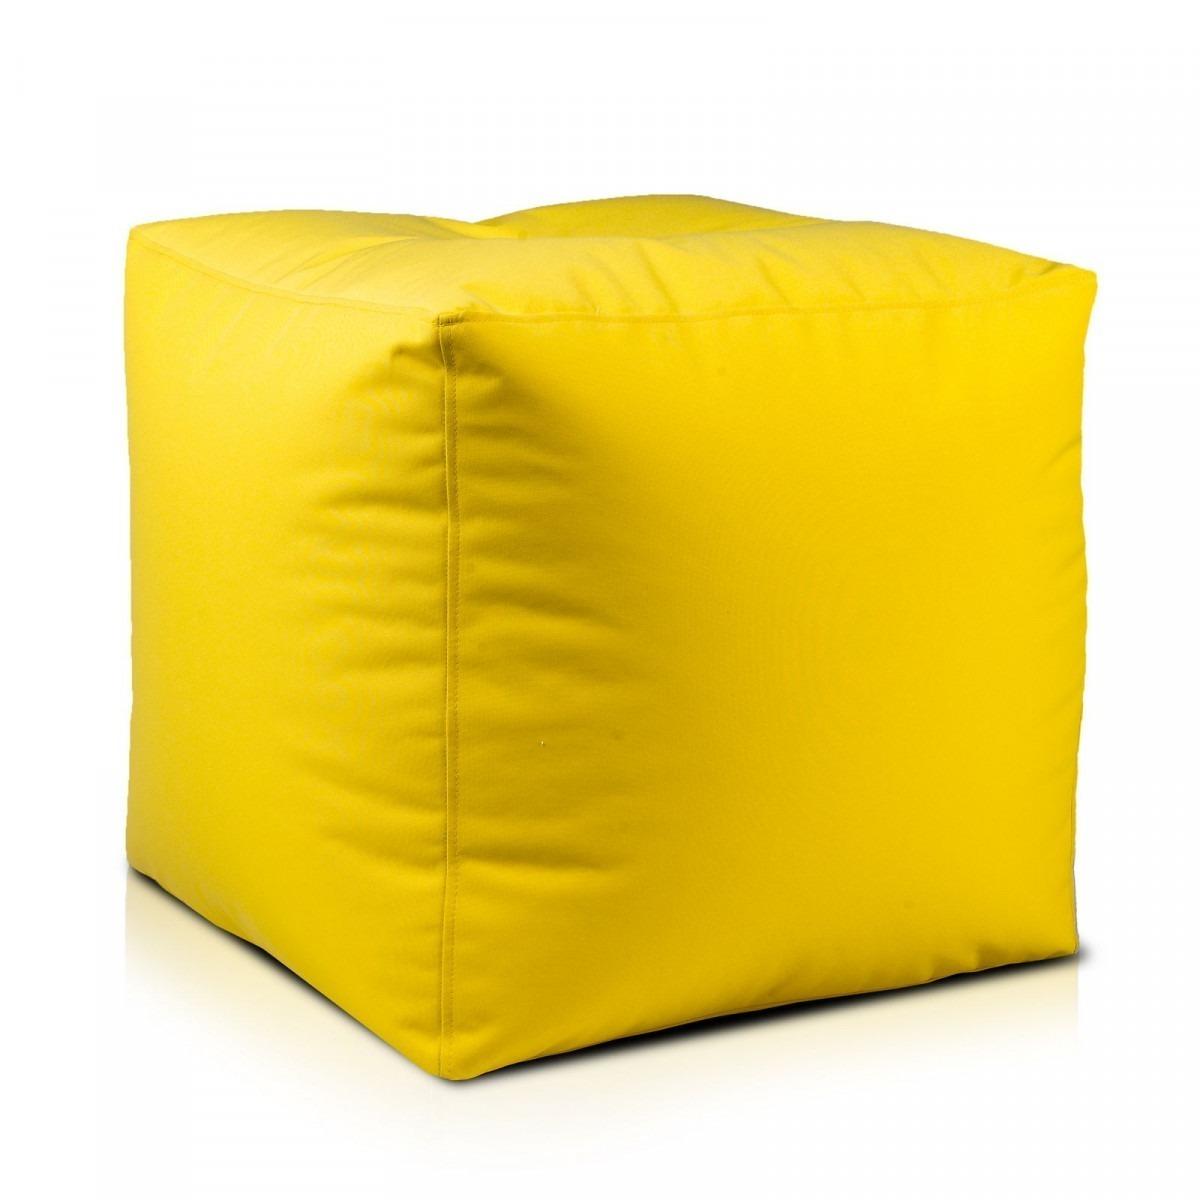 Pufa Cube S Outdoor